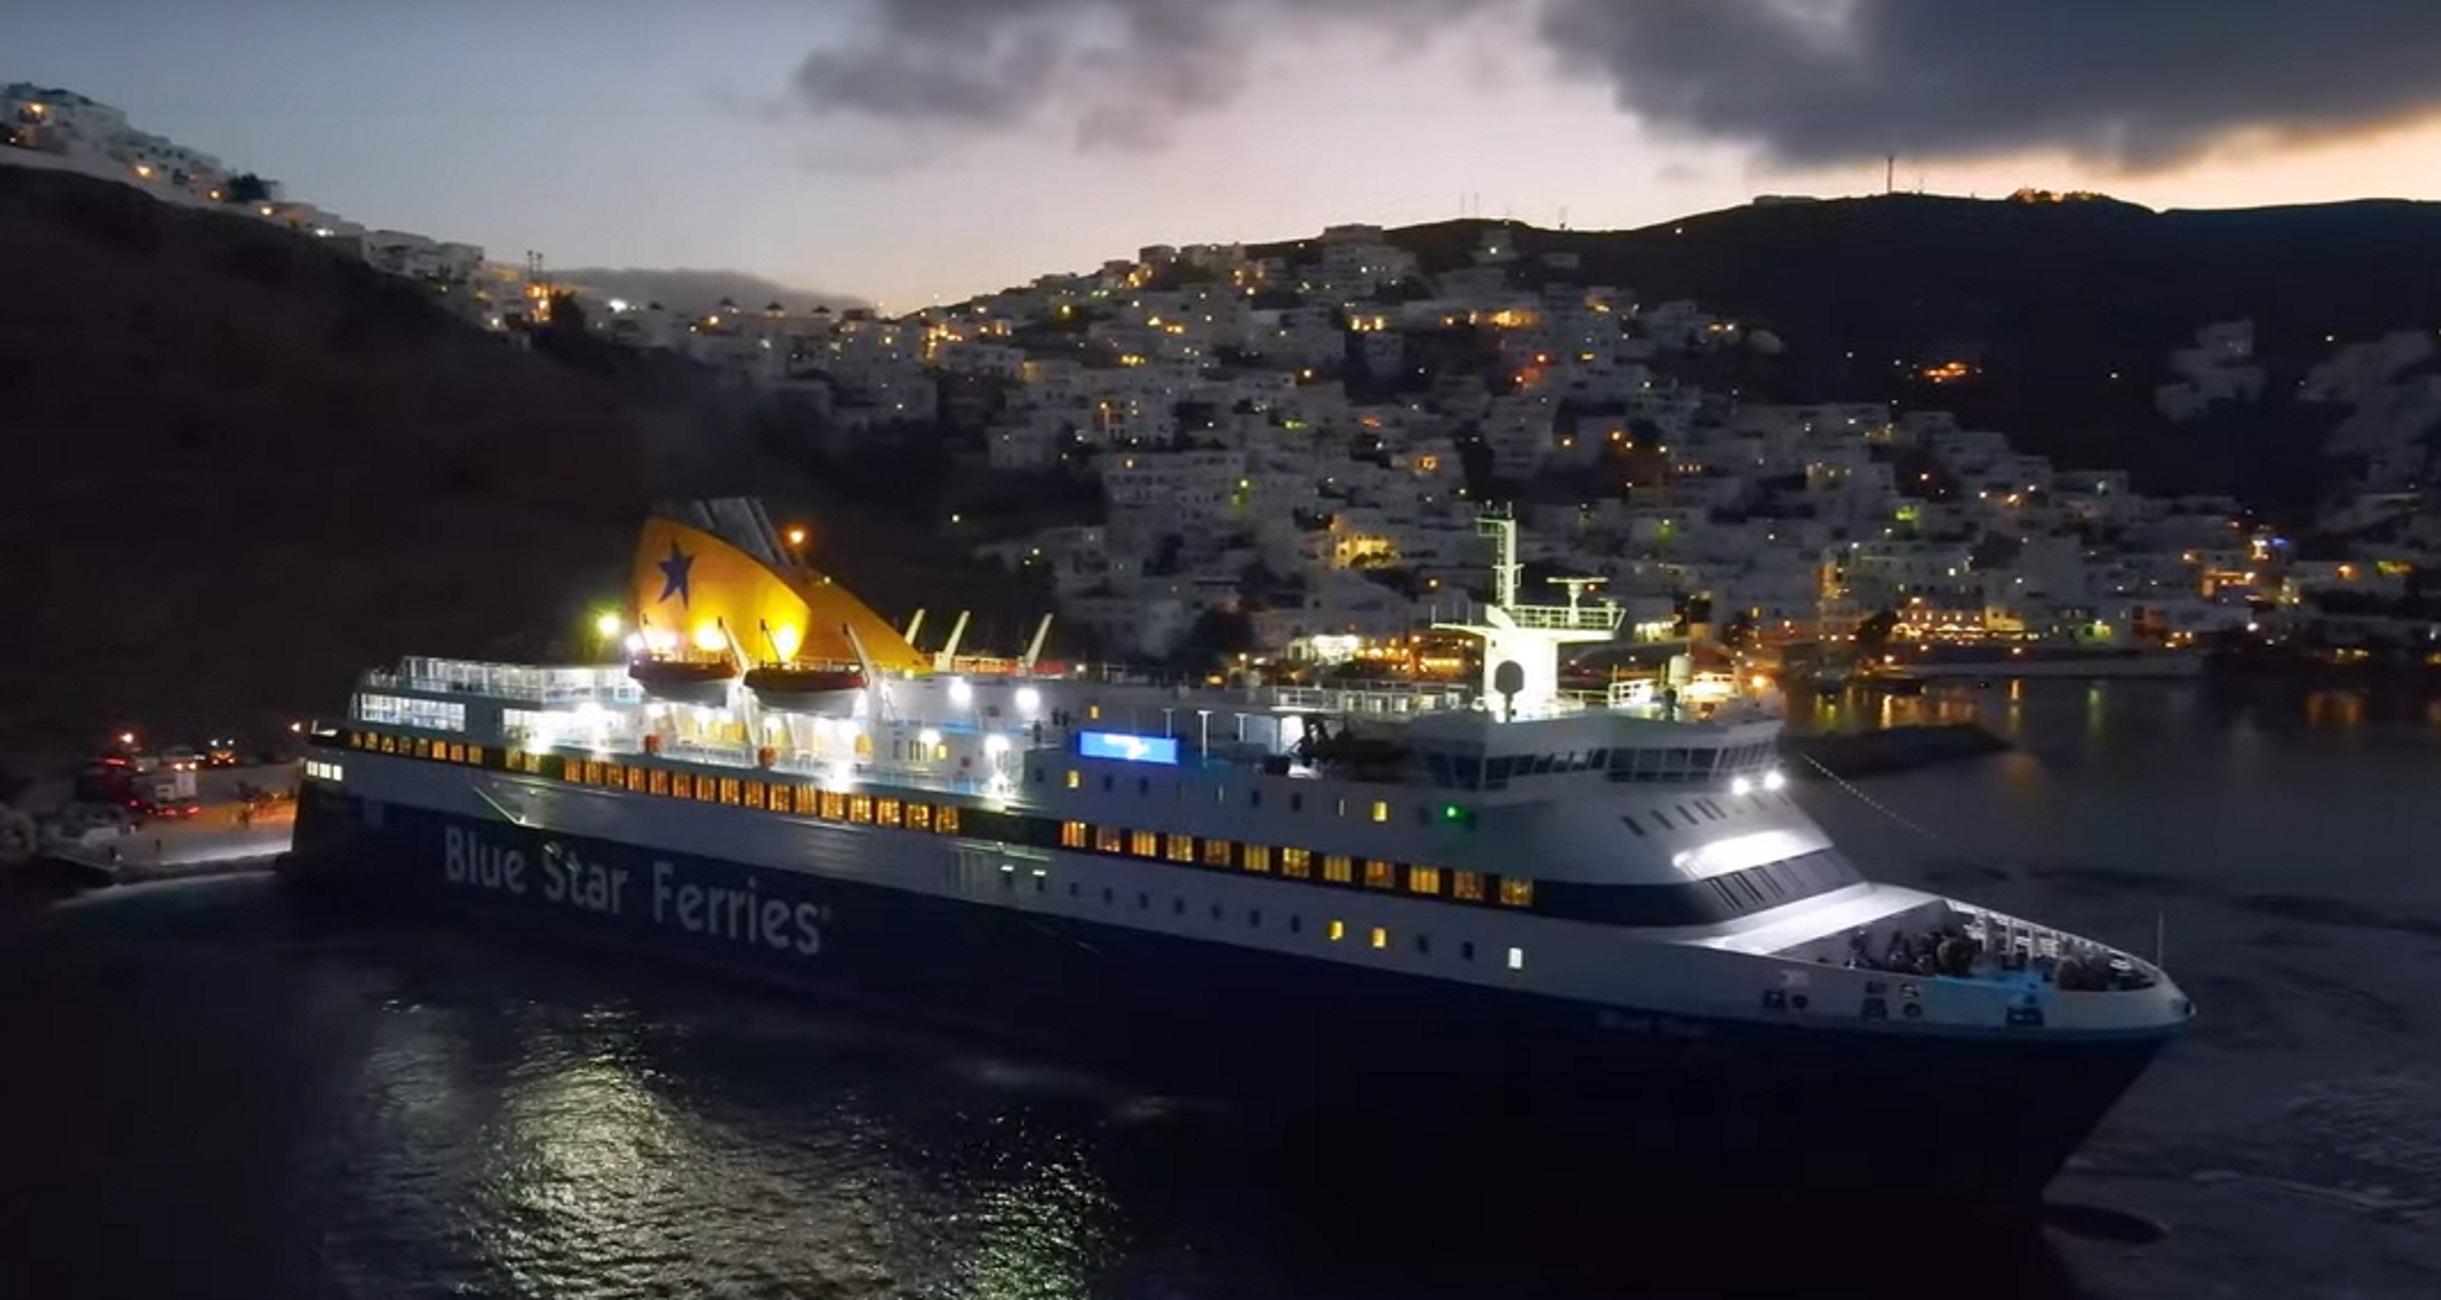 Αστυπάλαια: Δείτε την εντυπωσιακή μανούβρα του Blue Star Chios στη σκιά του περίφημου κάστρου